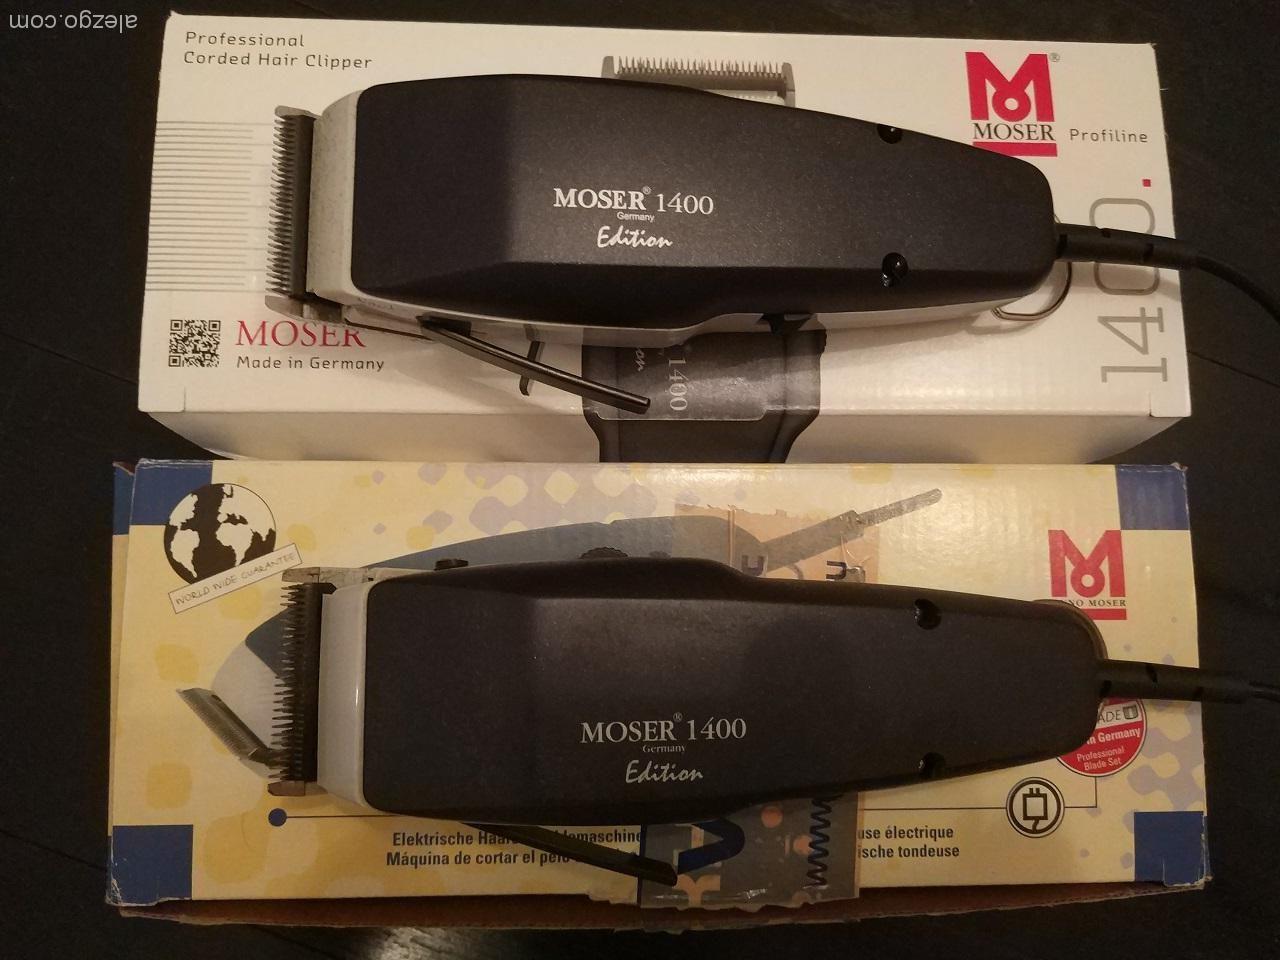 машинка для стрижки moser 1400 edition